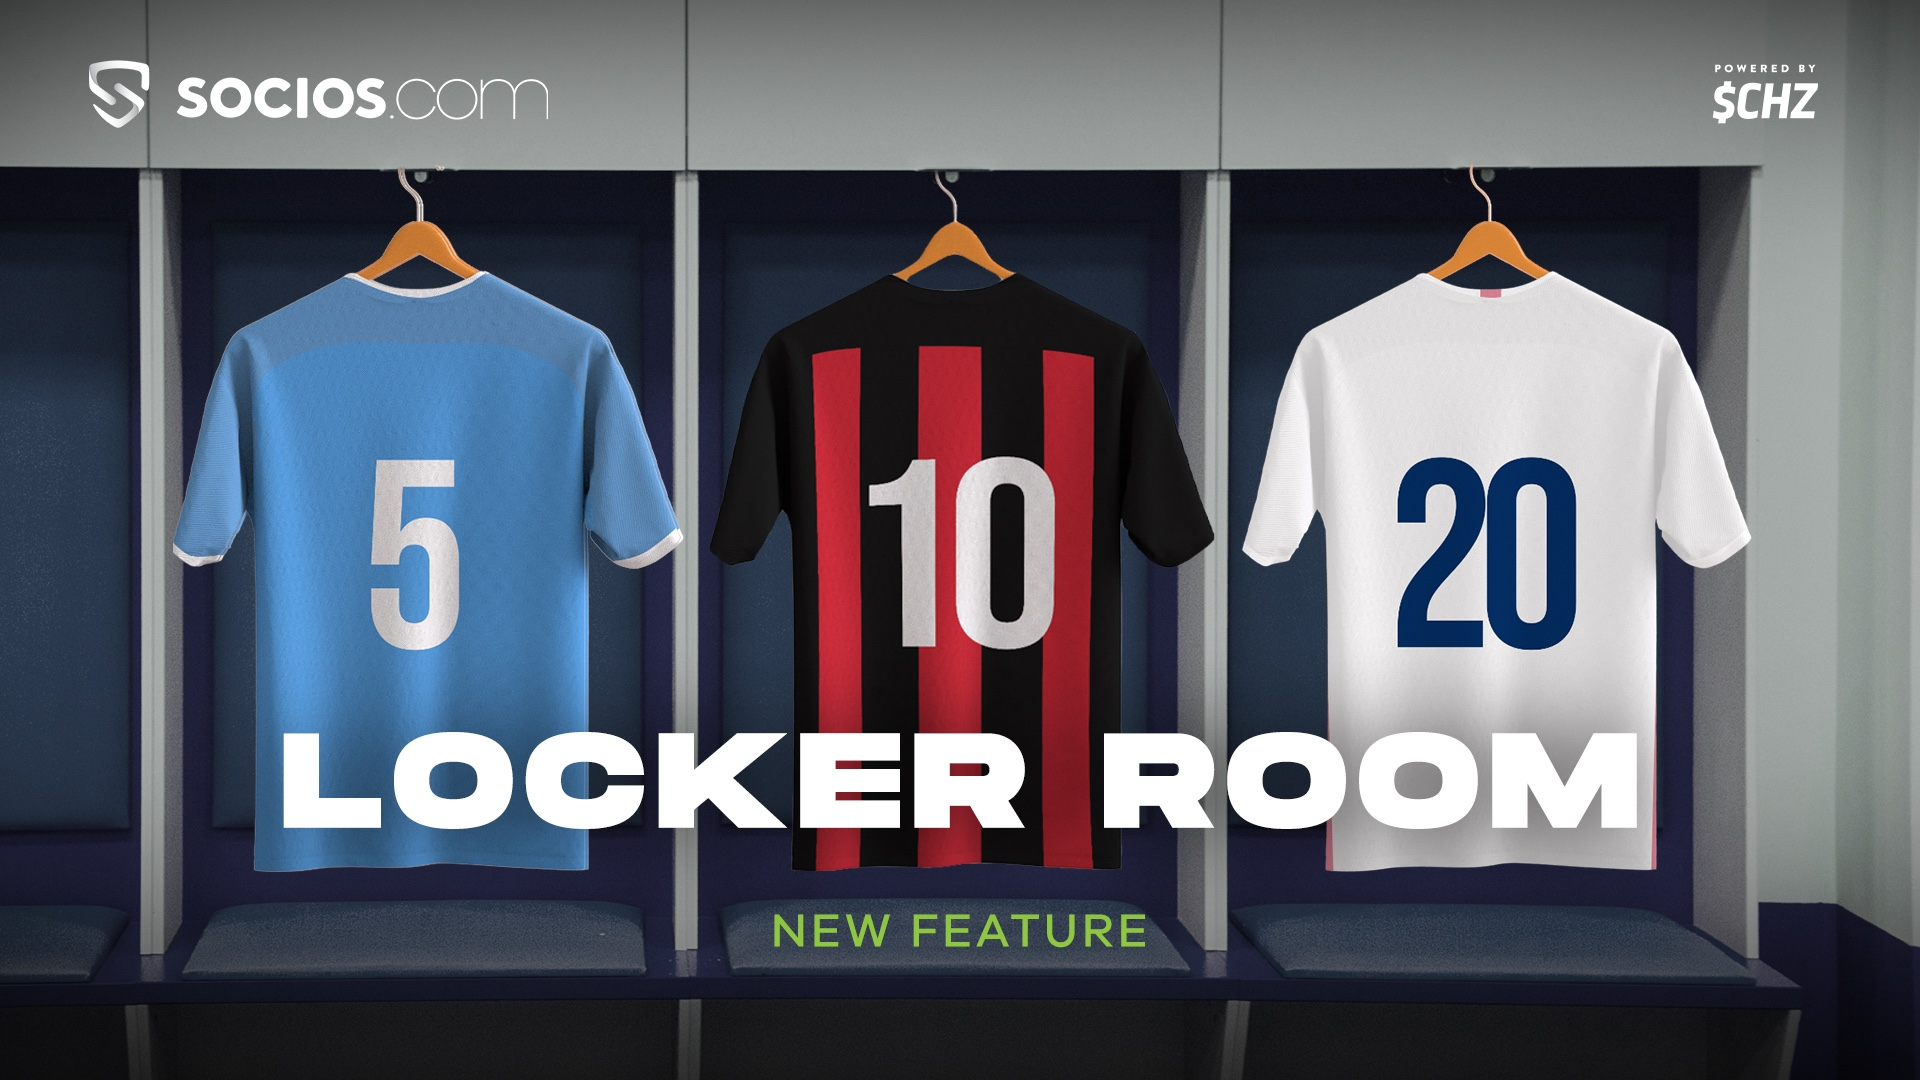 Chiliz y su app blockchain Socios presentan Locker Room, con nuevos tokens y la mirada en más alianzas con grandes equipos del fútbol mundial